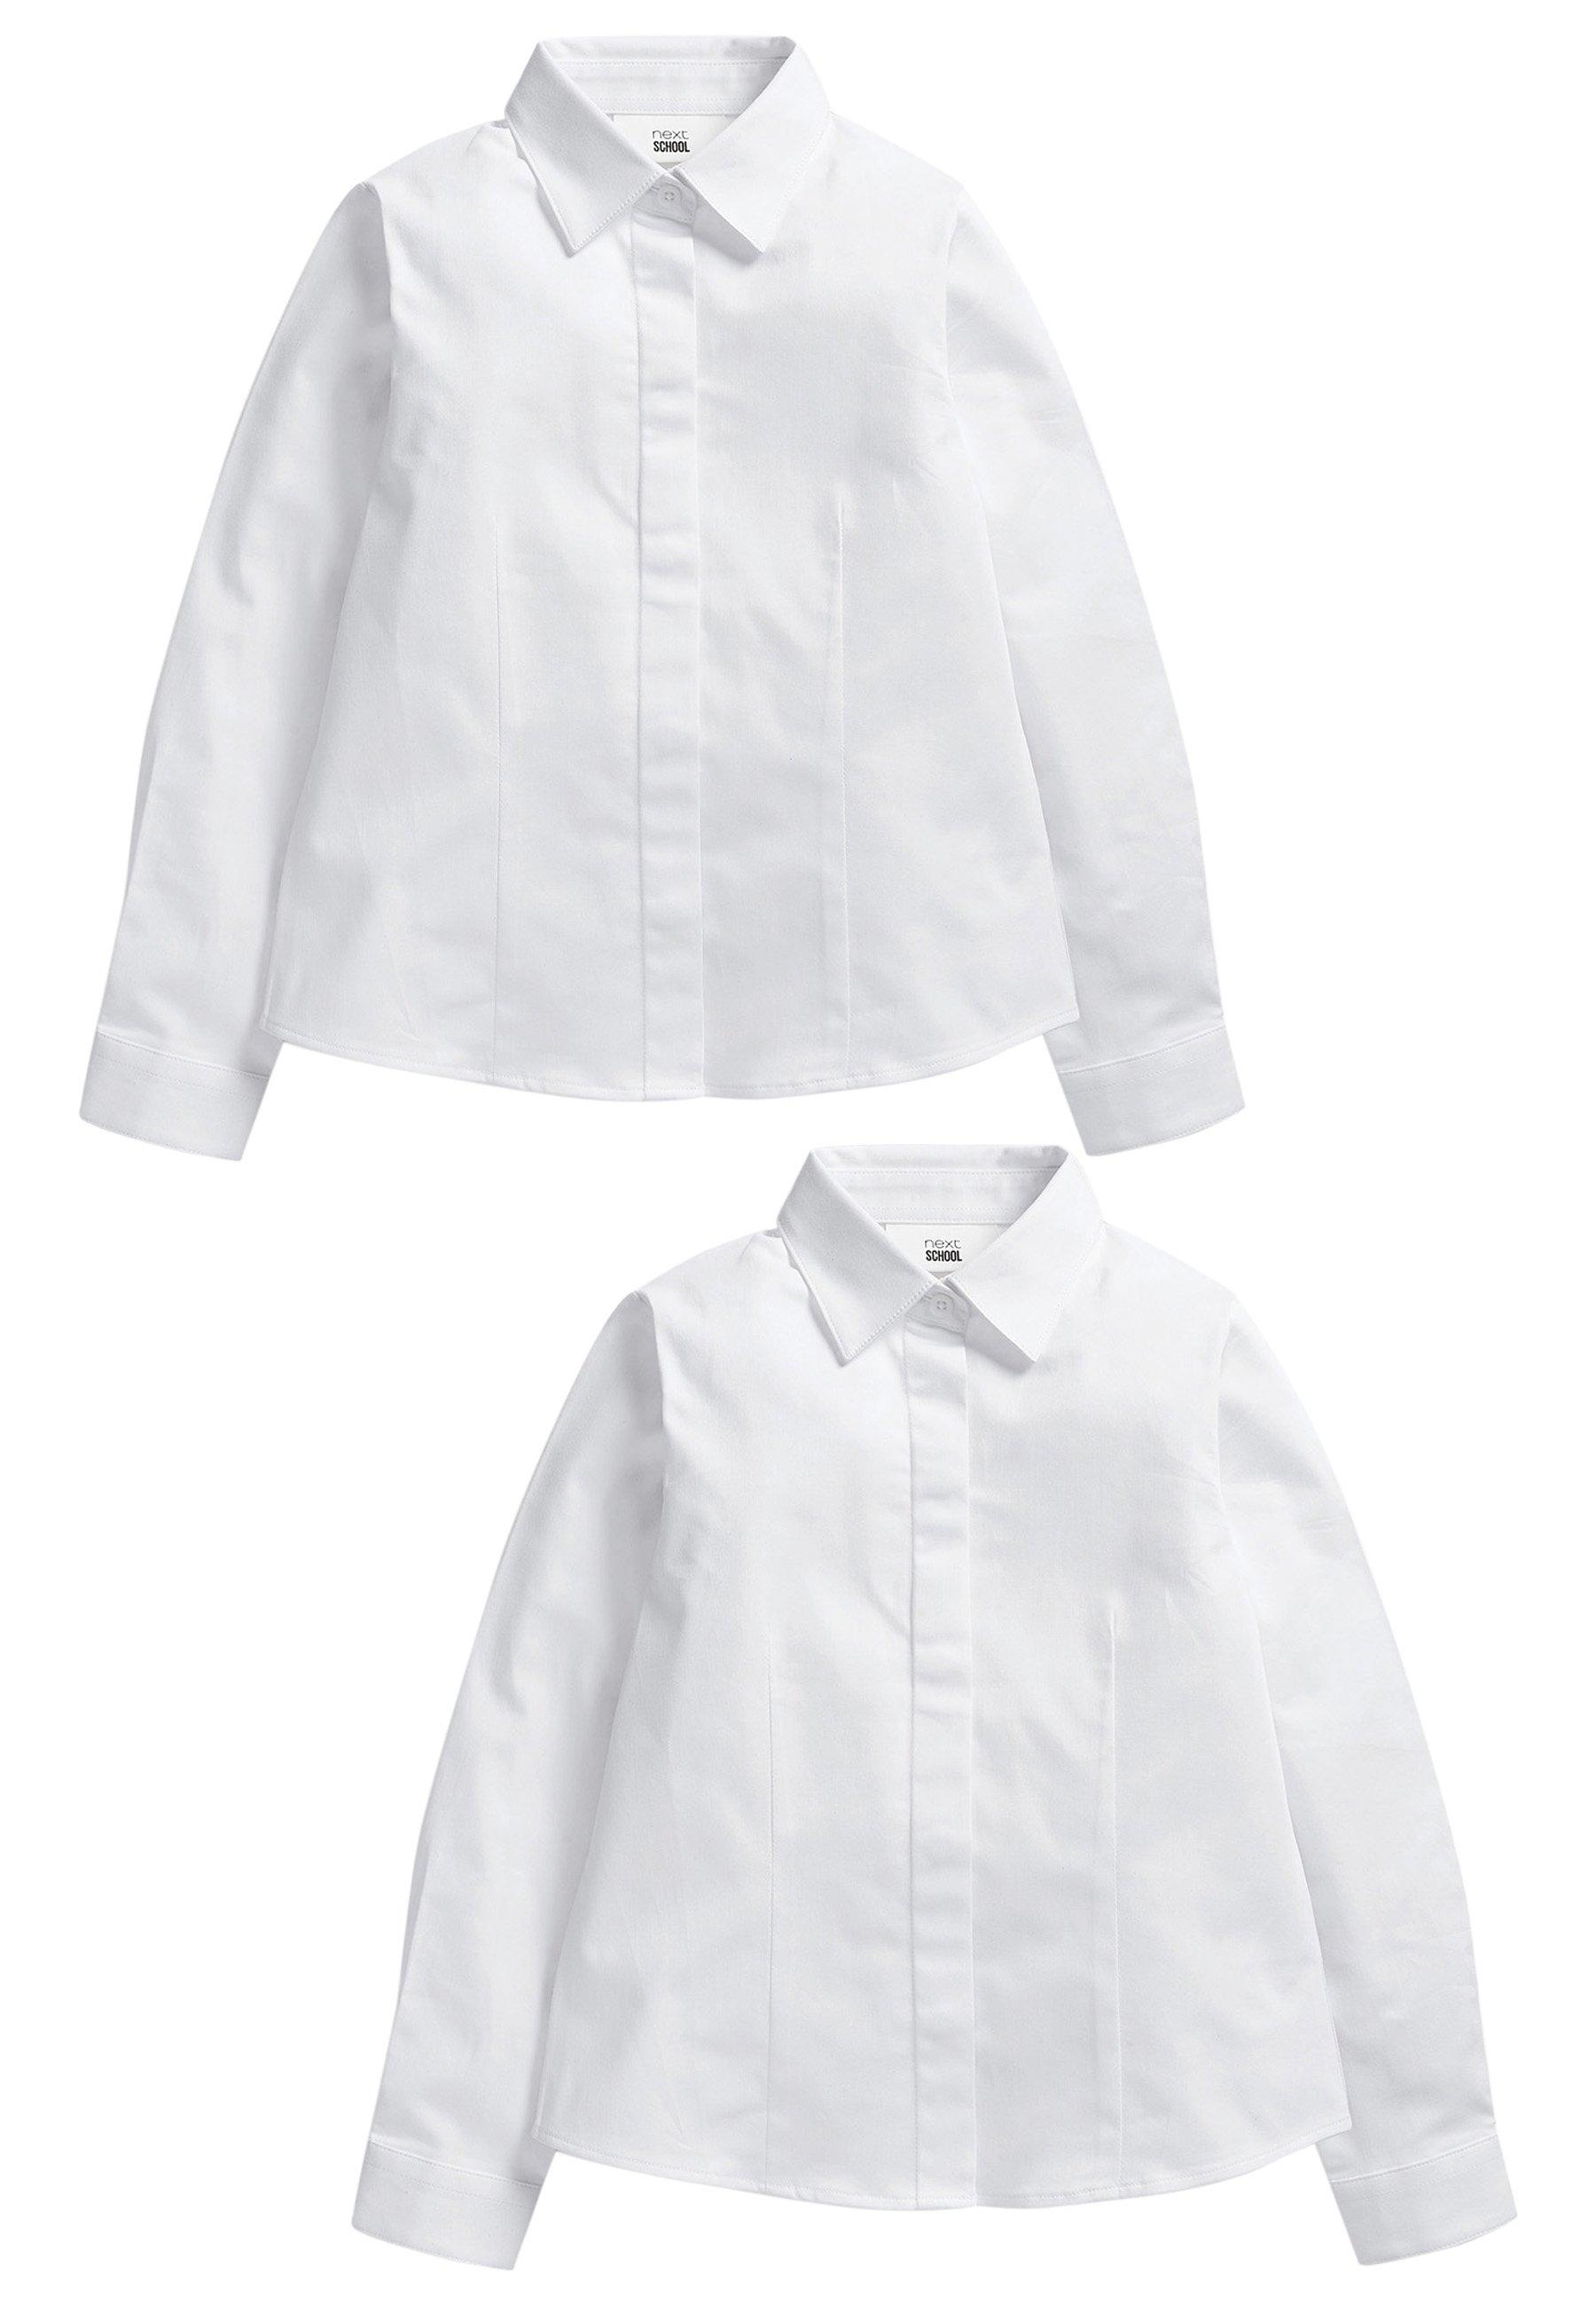 Kinder 2 PACK - Hemdbluse